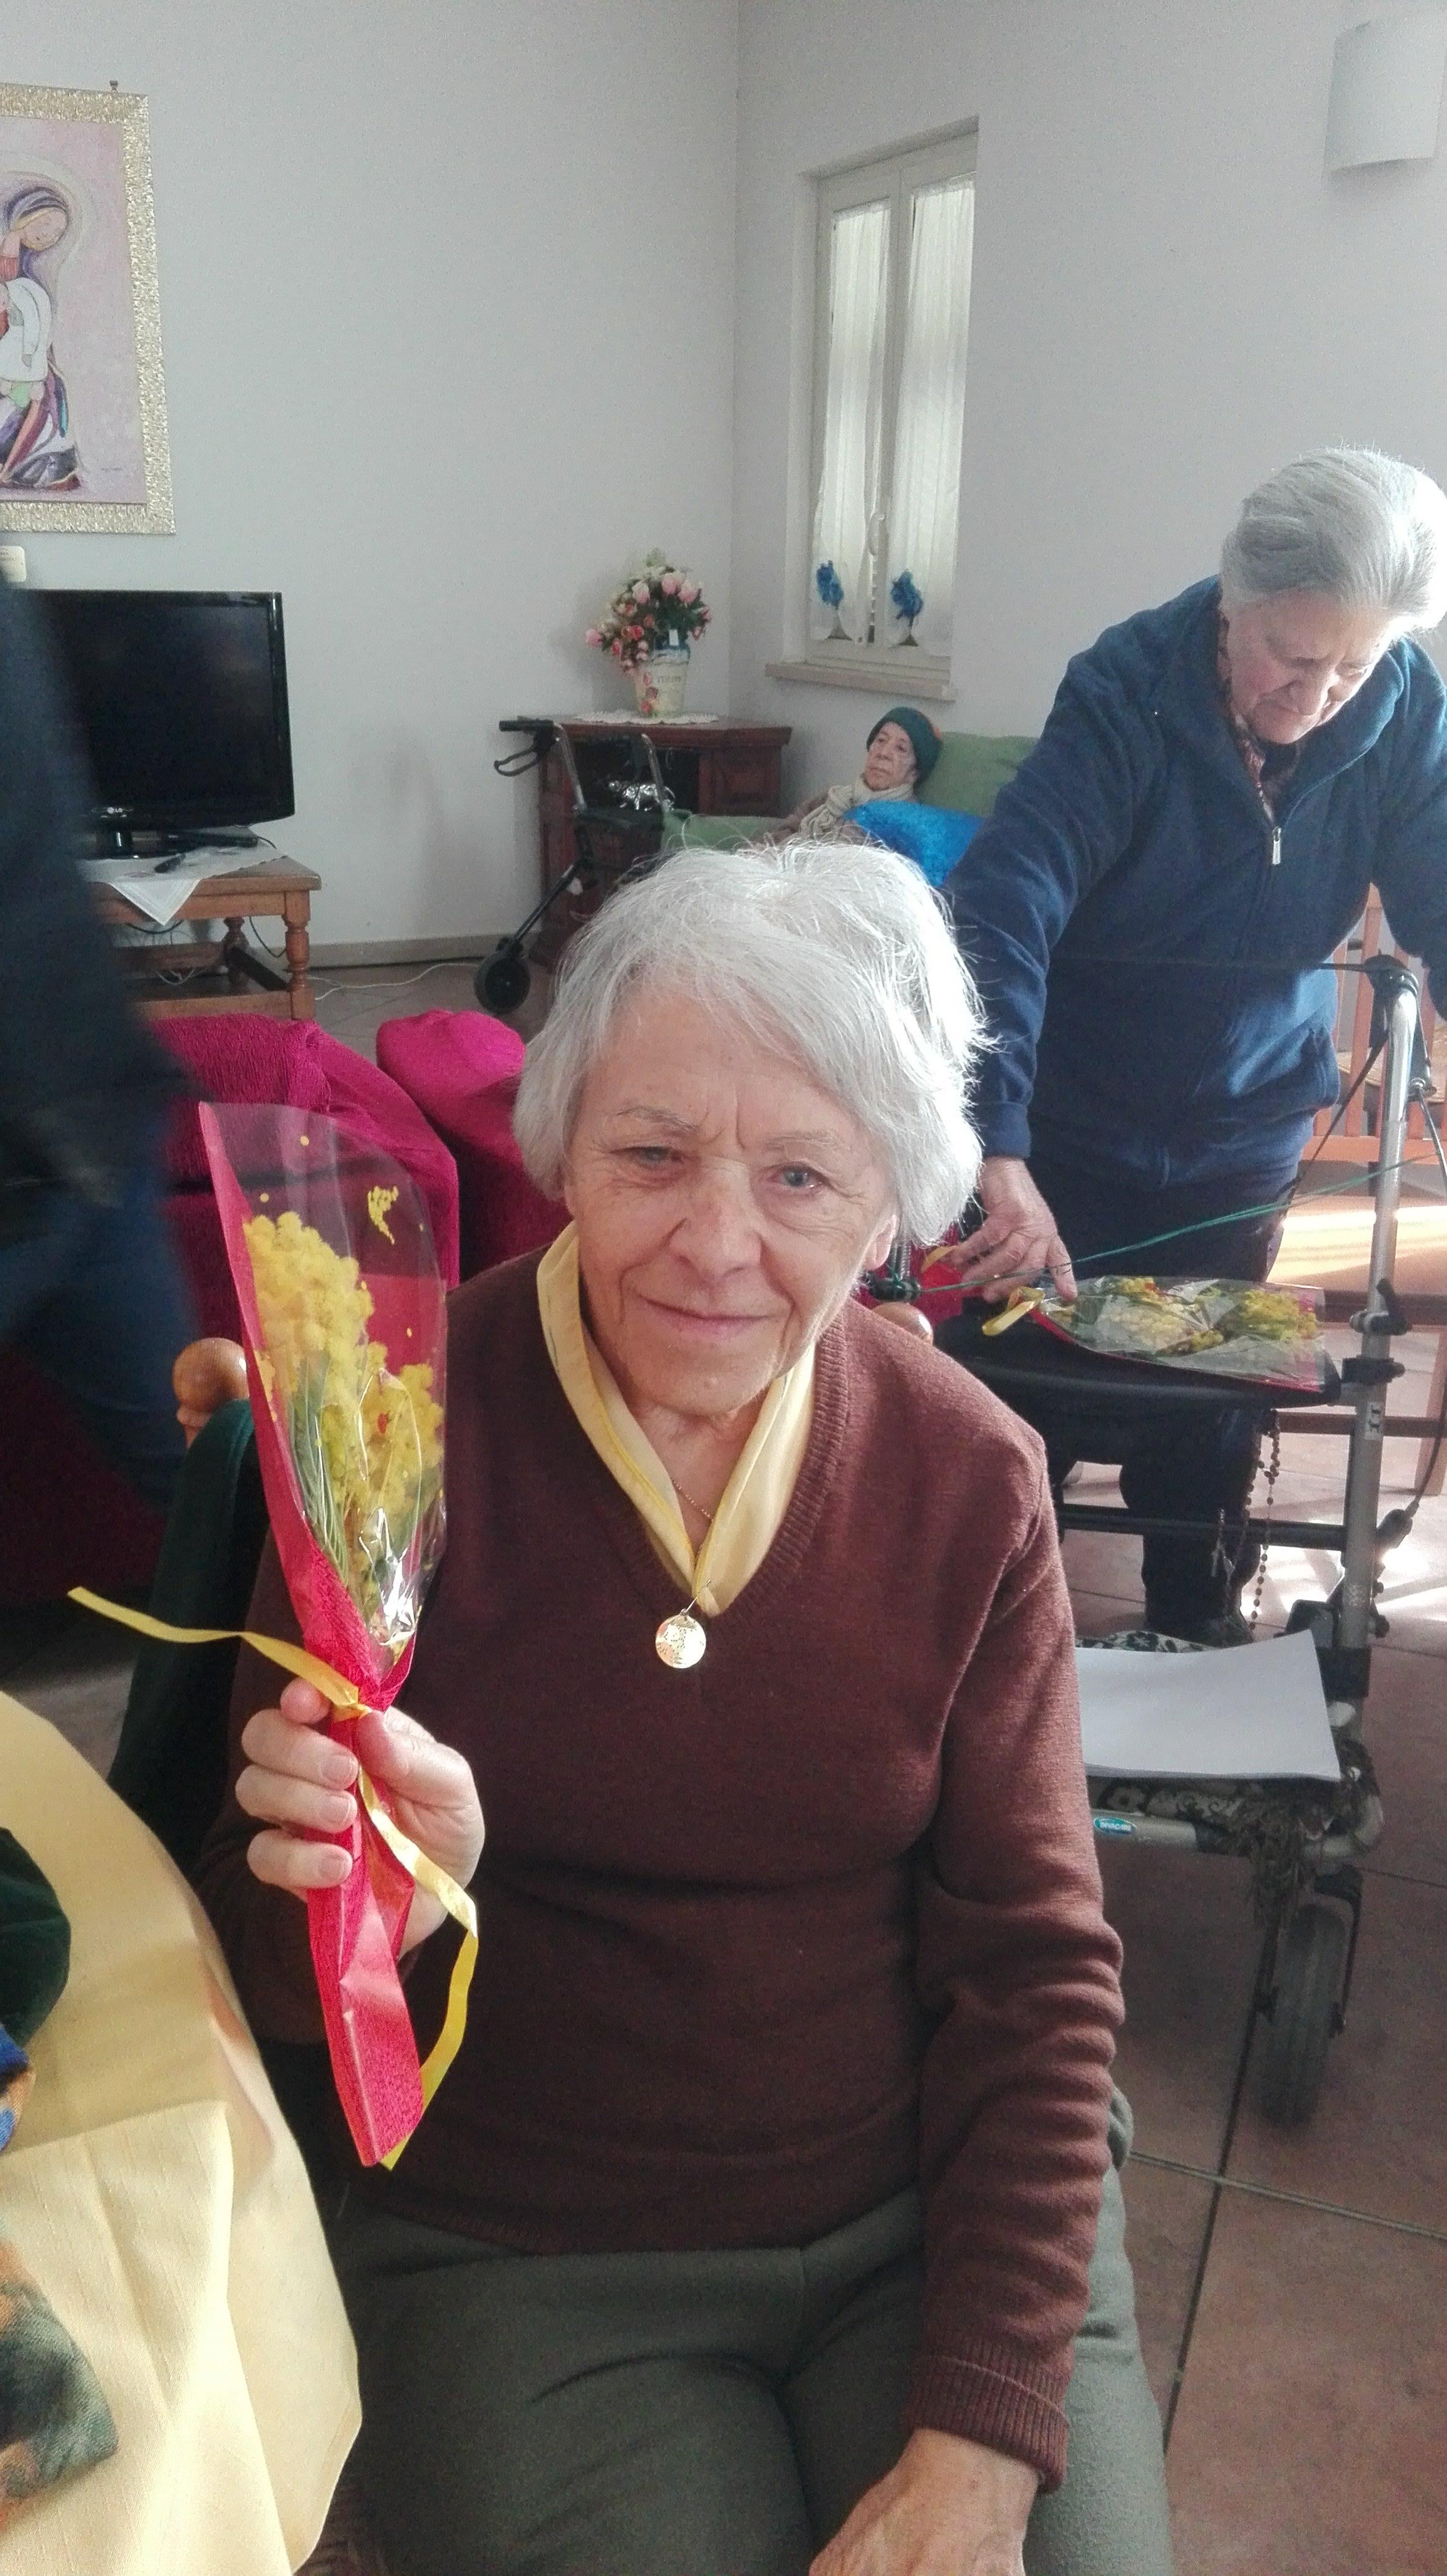 Festa della donna casa di riposo divino amore 5 casa di for Planimetrie della casa di gambrel